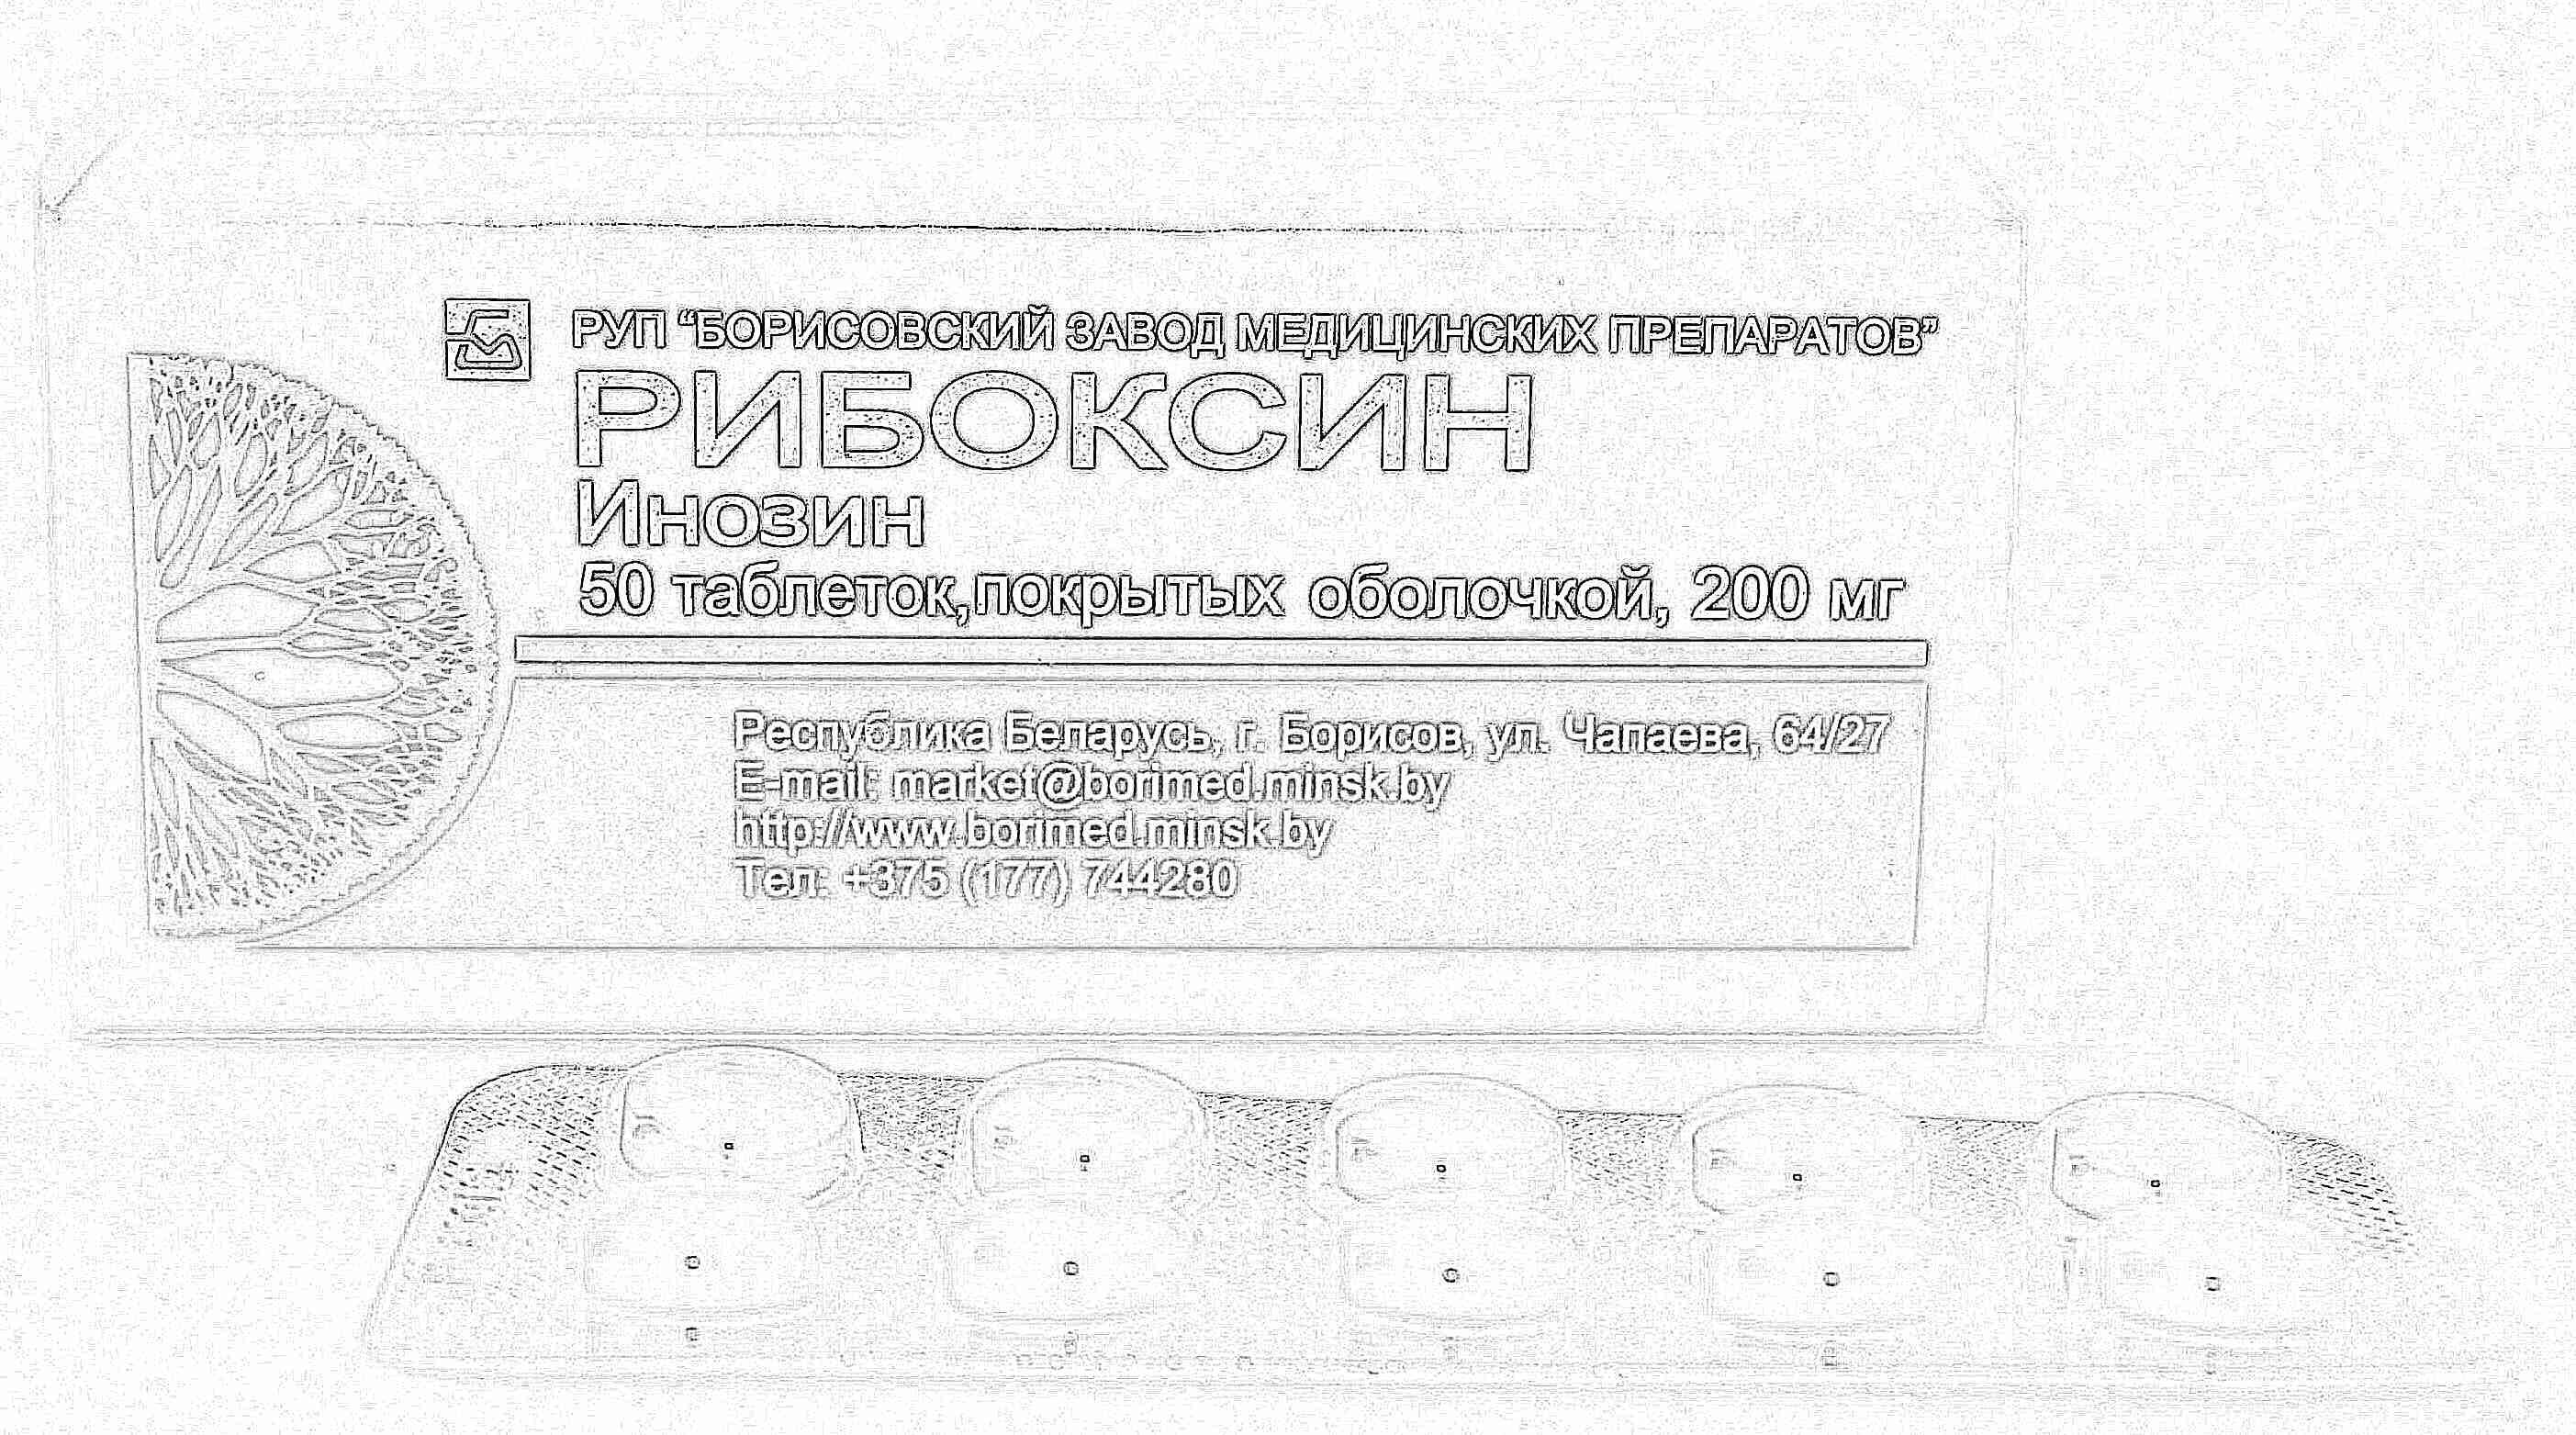 Рибоксин инструкция по применению детям